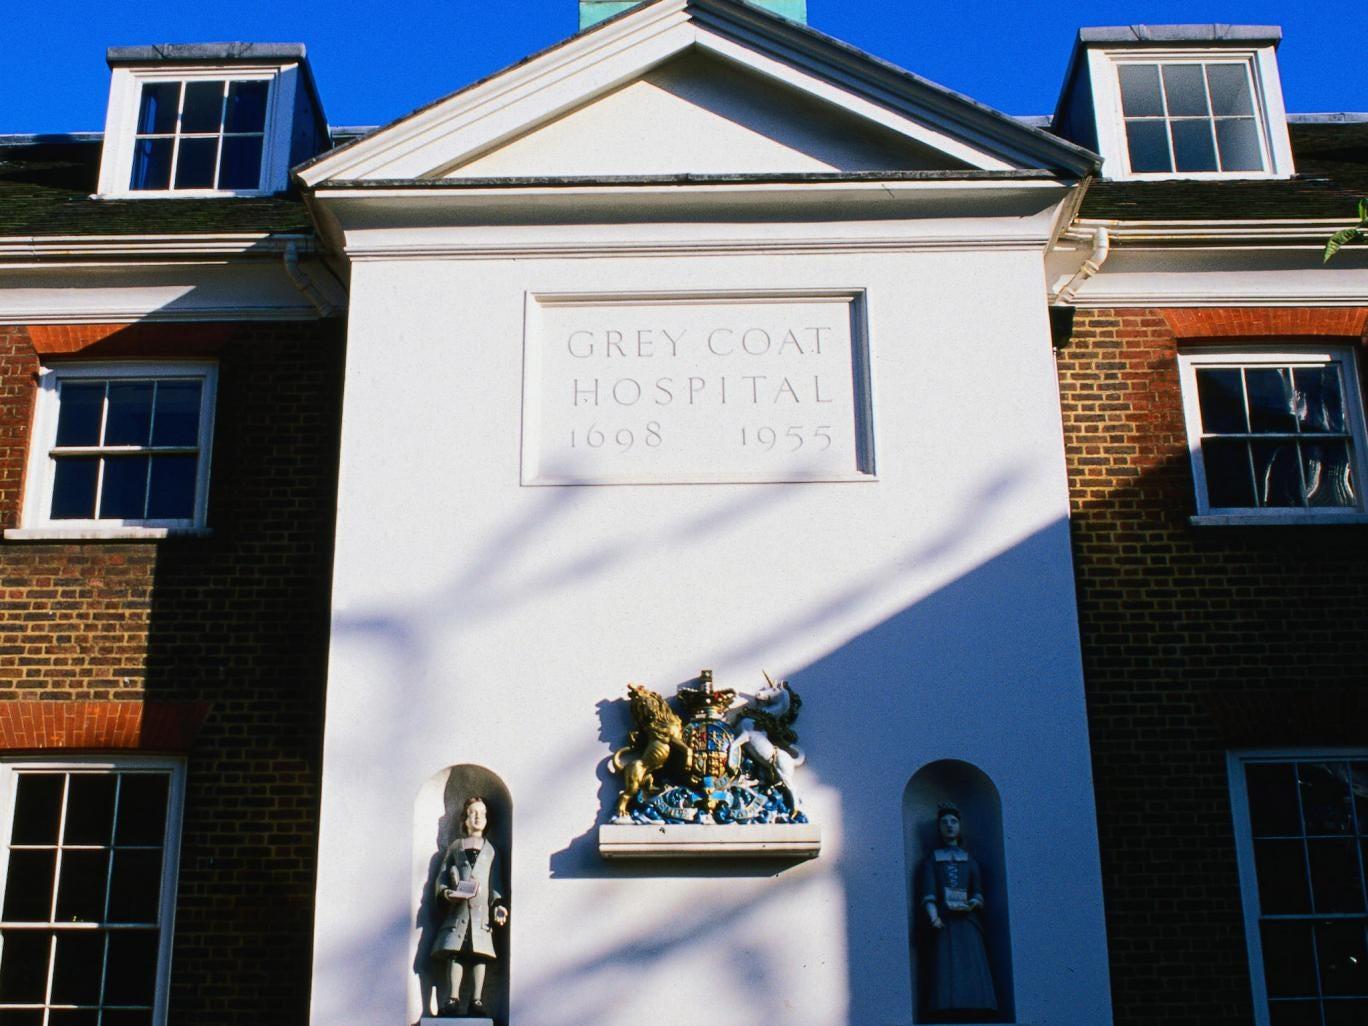 Grey Coat Hospital School in London